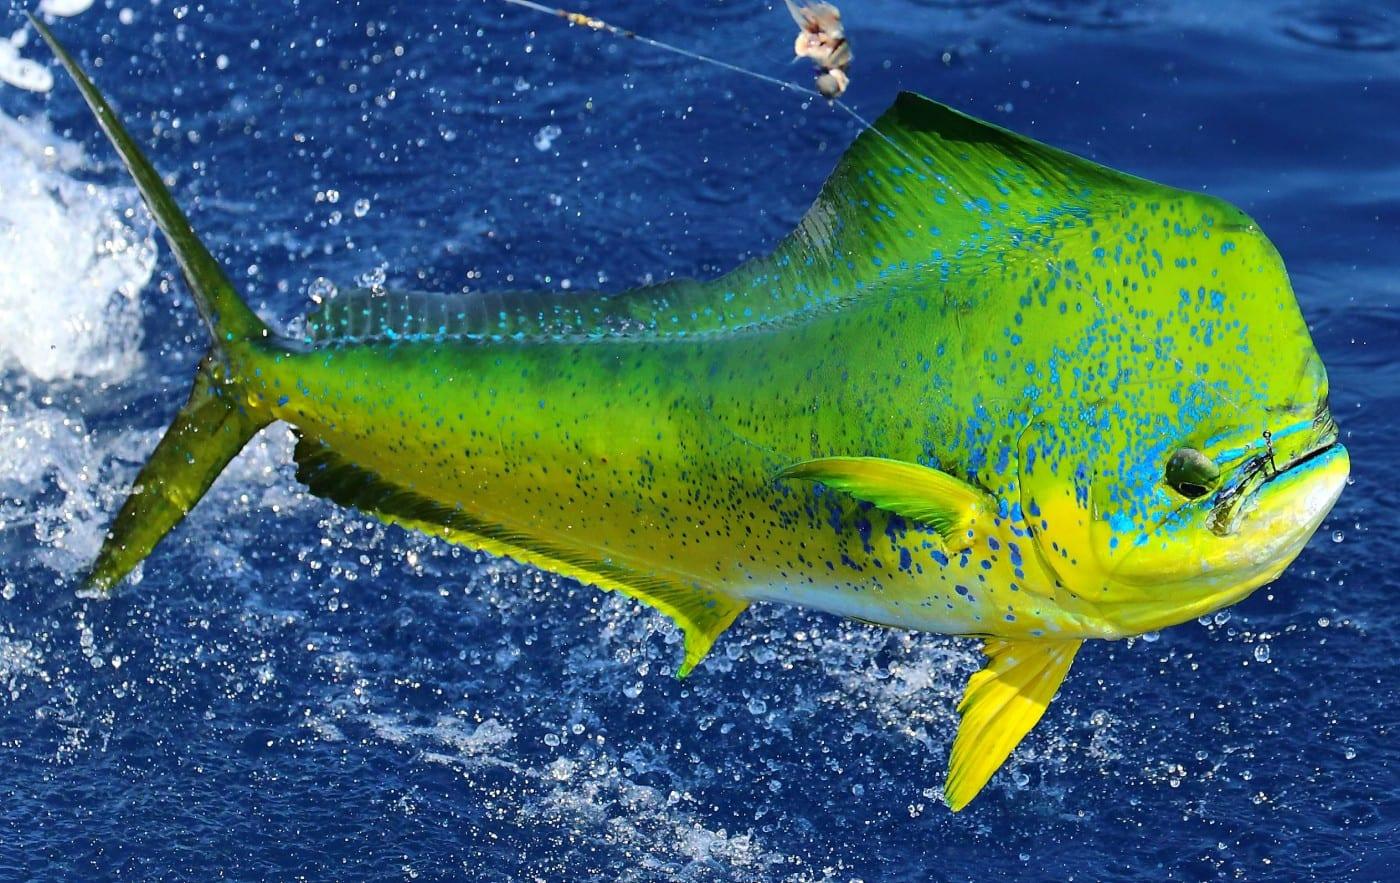 mahi mahi dorado - Casa Vieja Lodge & Sportfishing Fleet